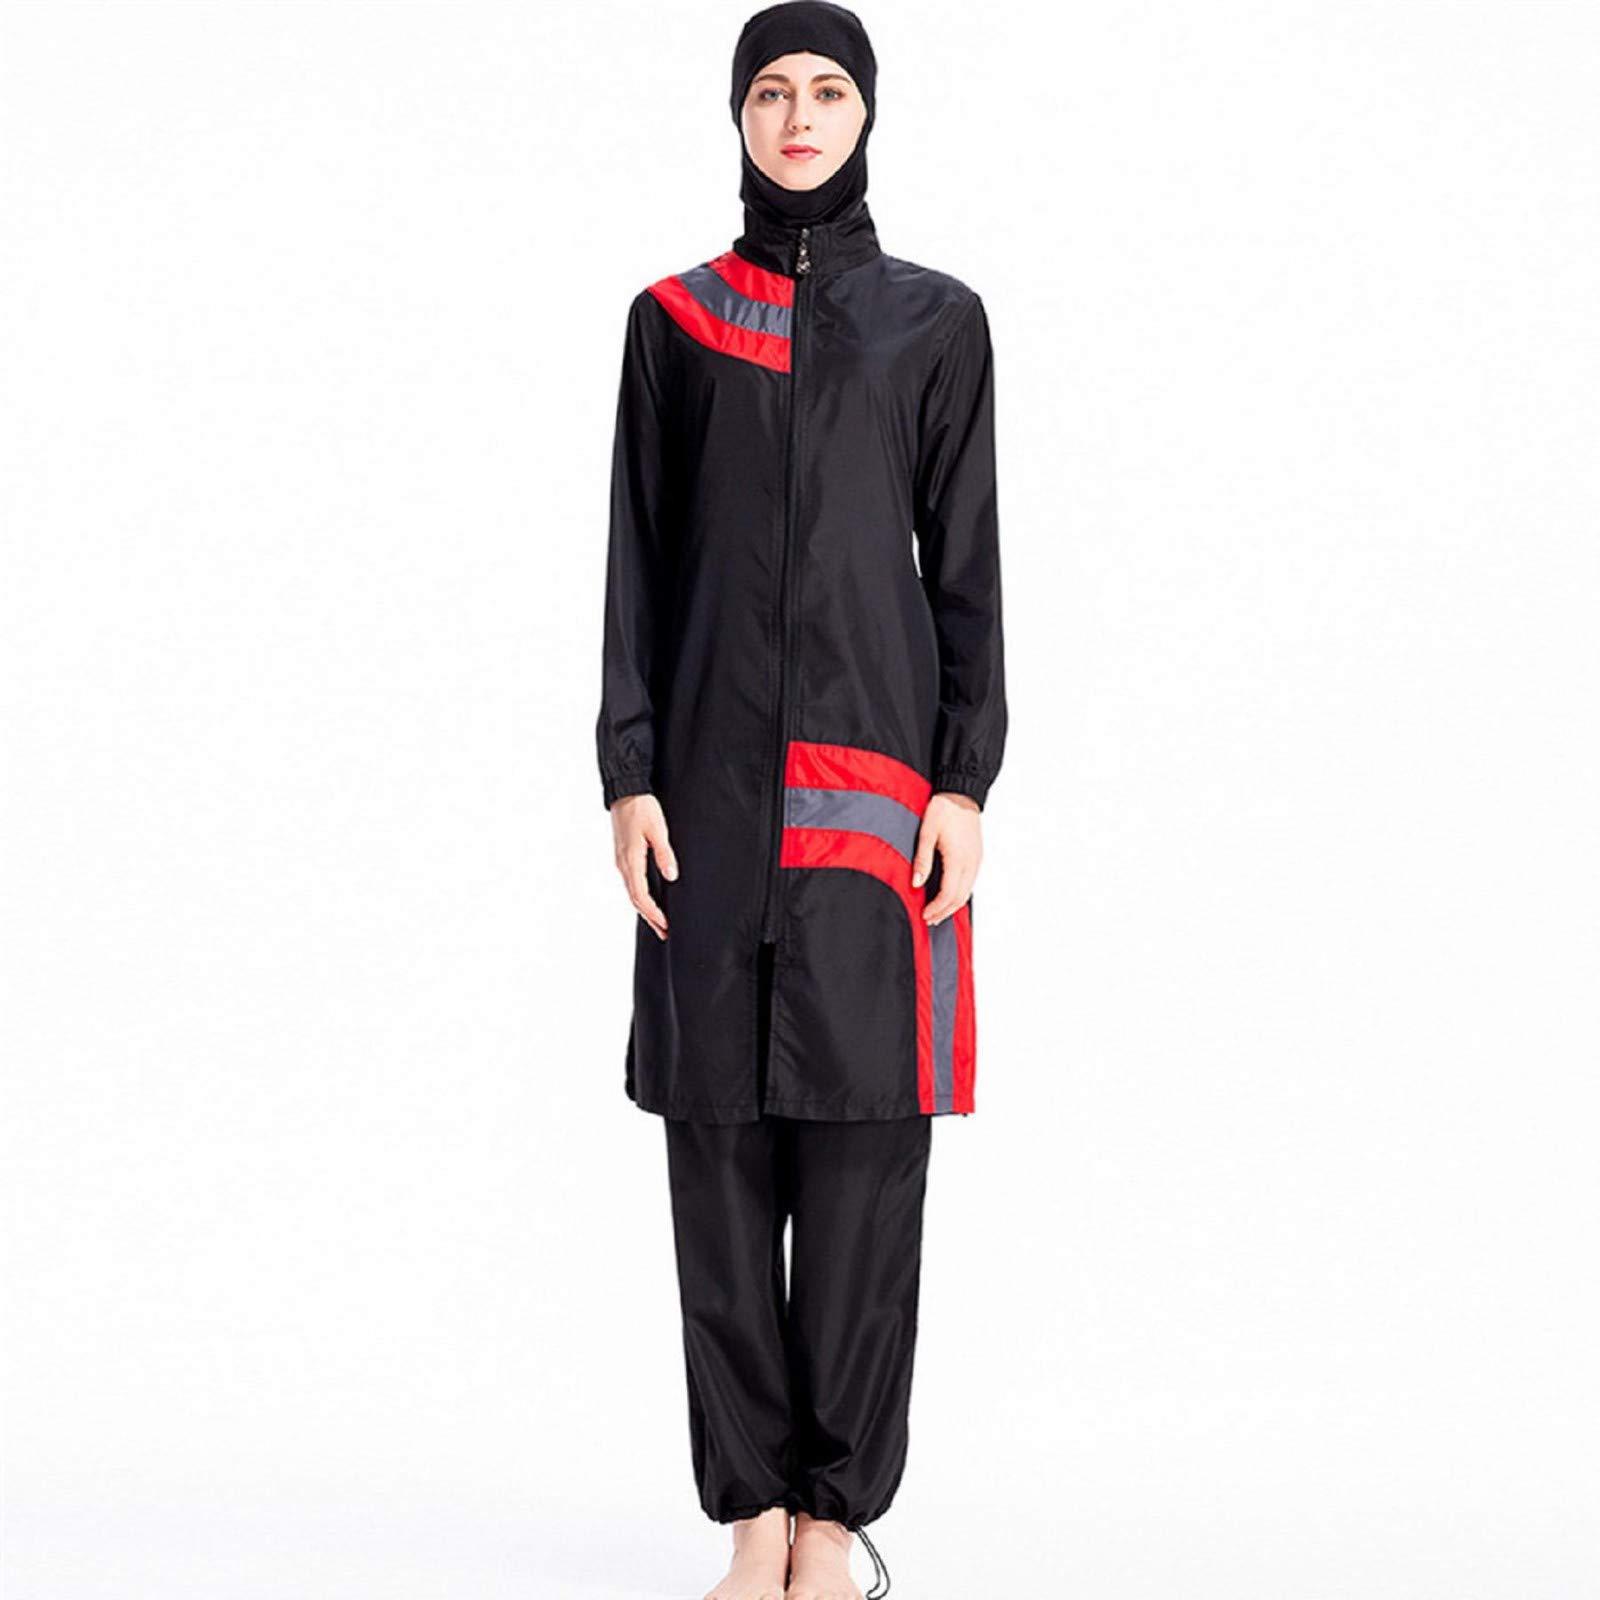 Swimwear Swimsuits for Women,Women Muslim Bathing Suit + Cap + Pants